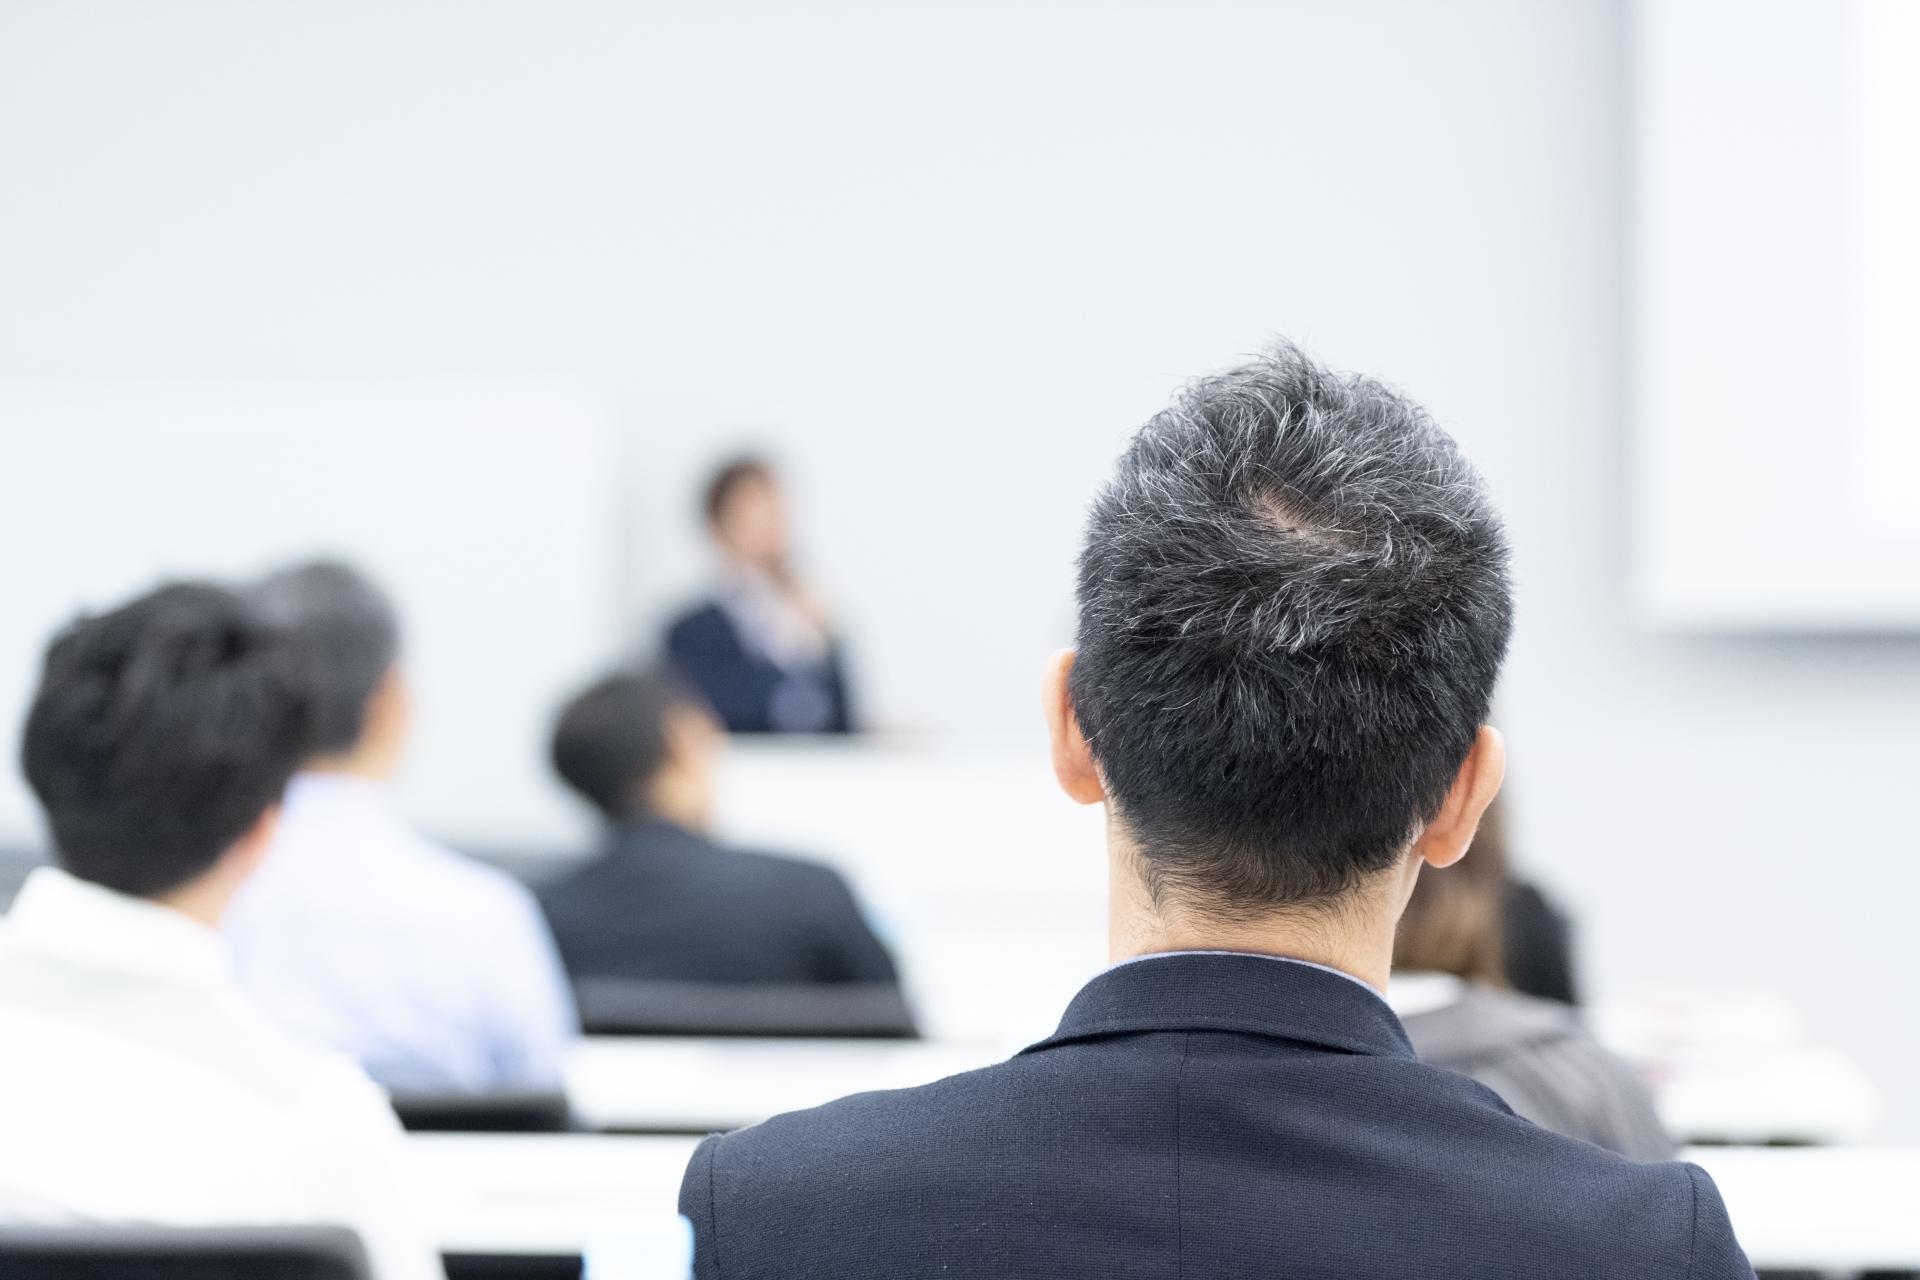 講習会を受けるタイミング